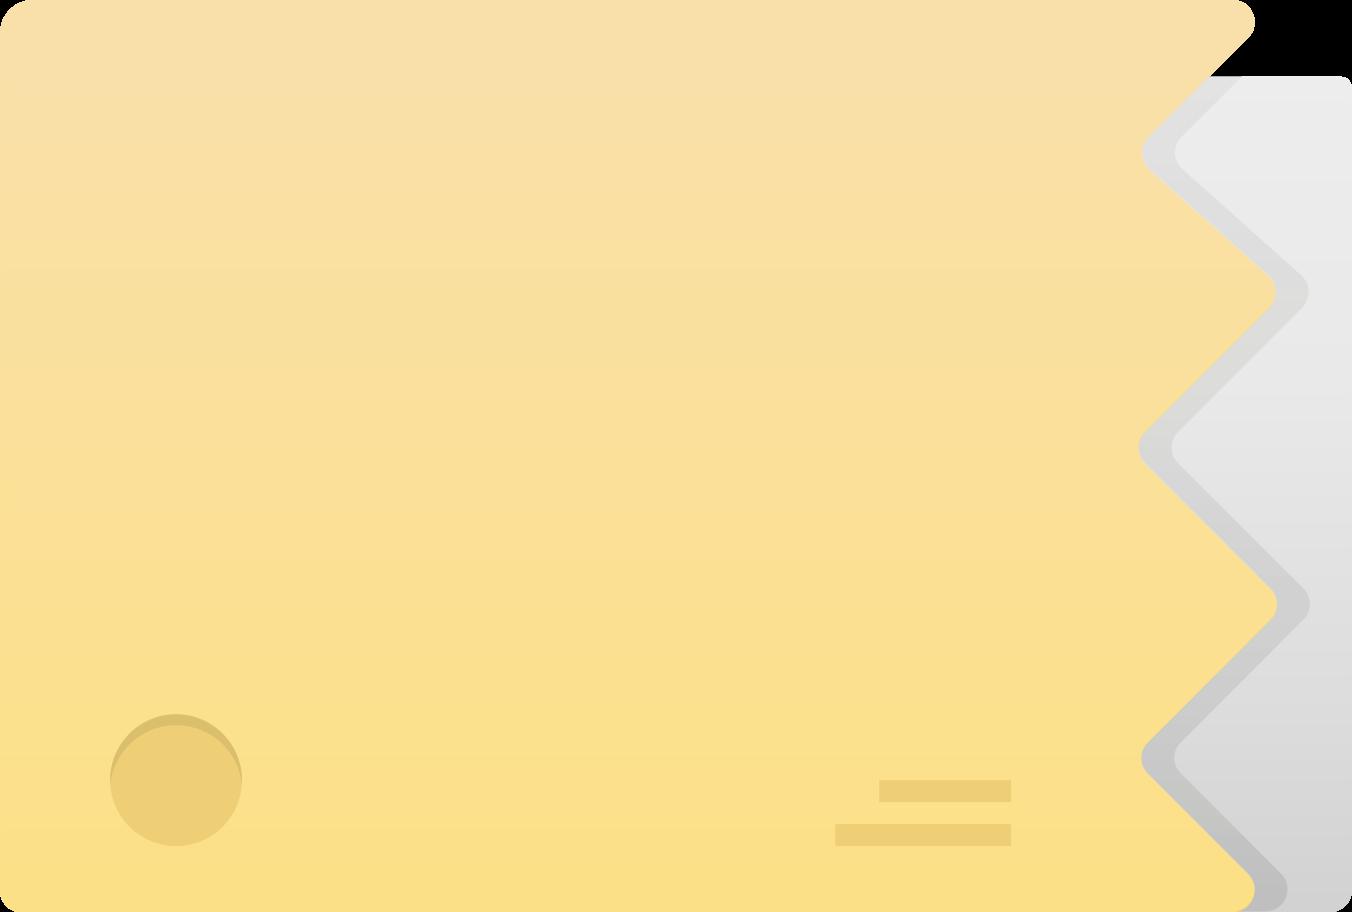 PNGとSVGの  スタイルの 文字 ベクターイメージ   Icons8 イラスト